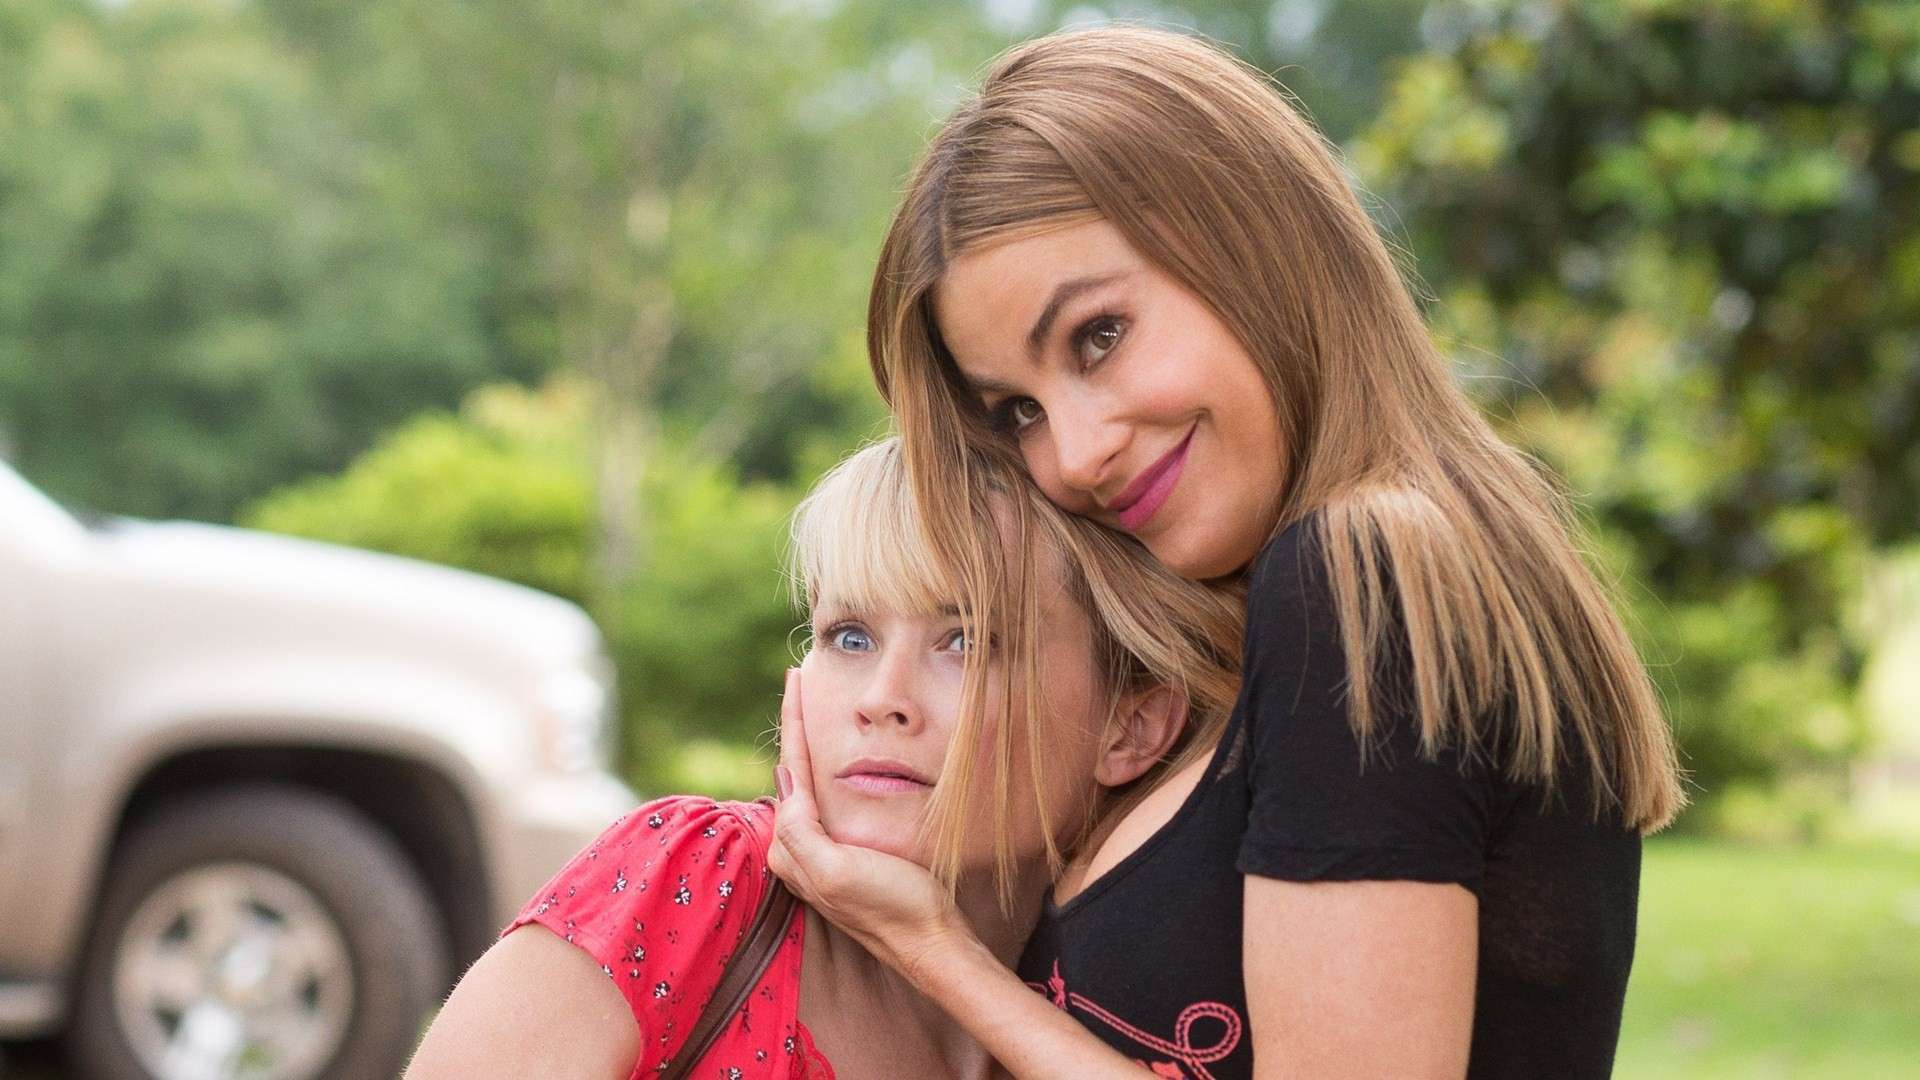 Não podia faltar uma piadinha de mal gosto com as belas atrizes